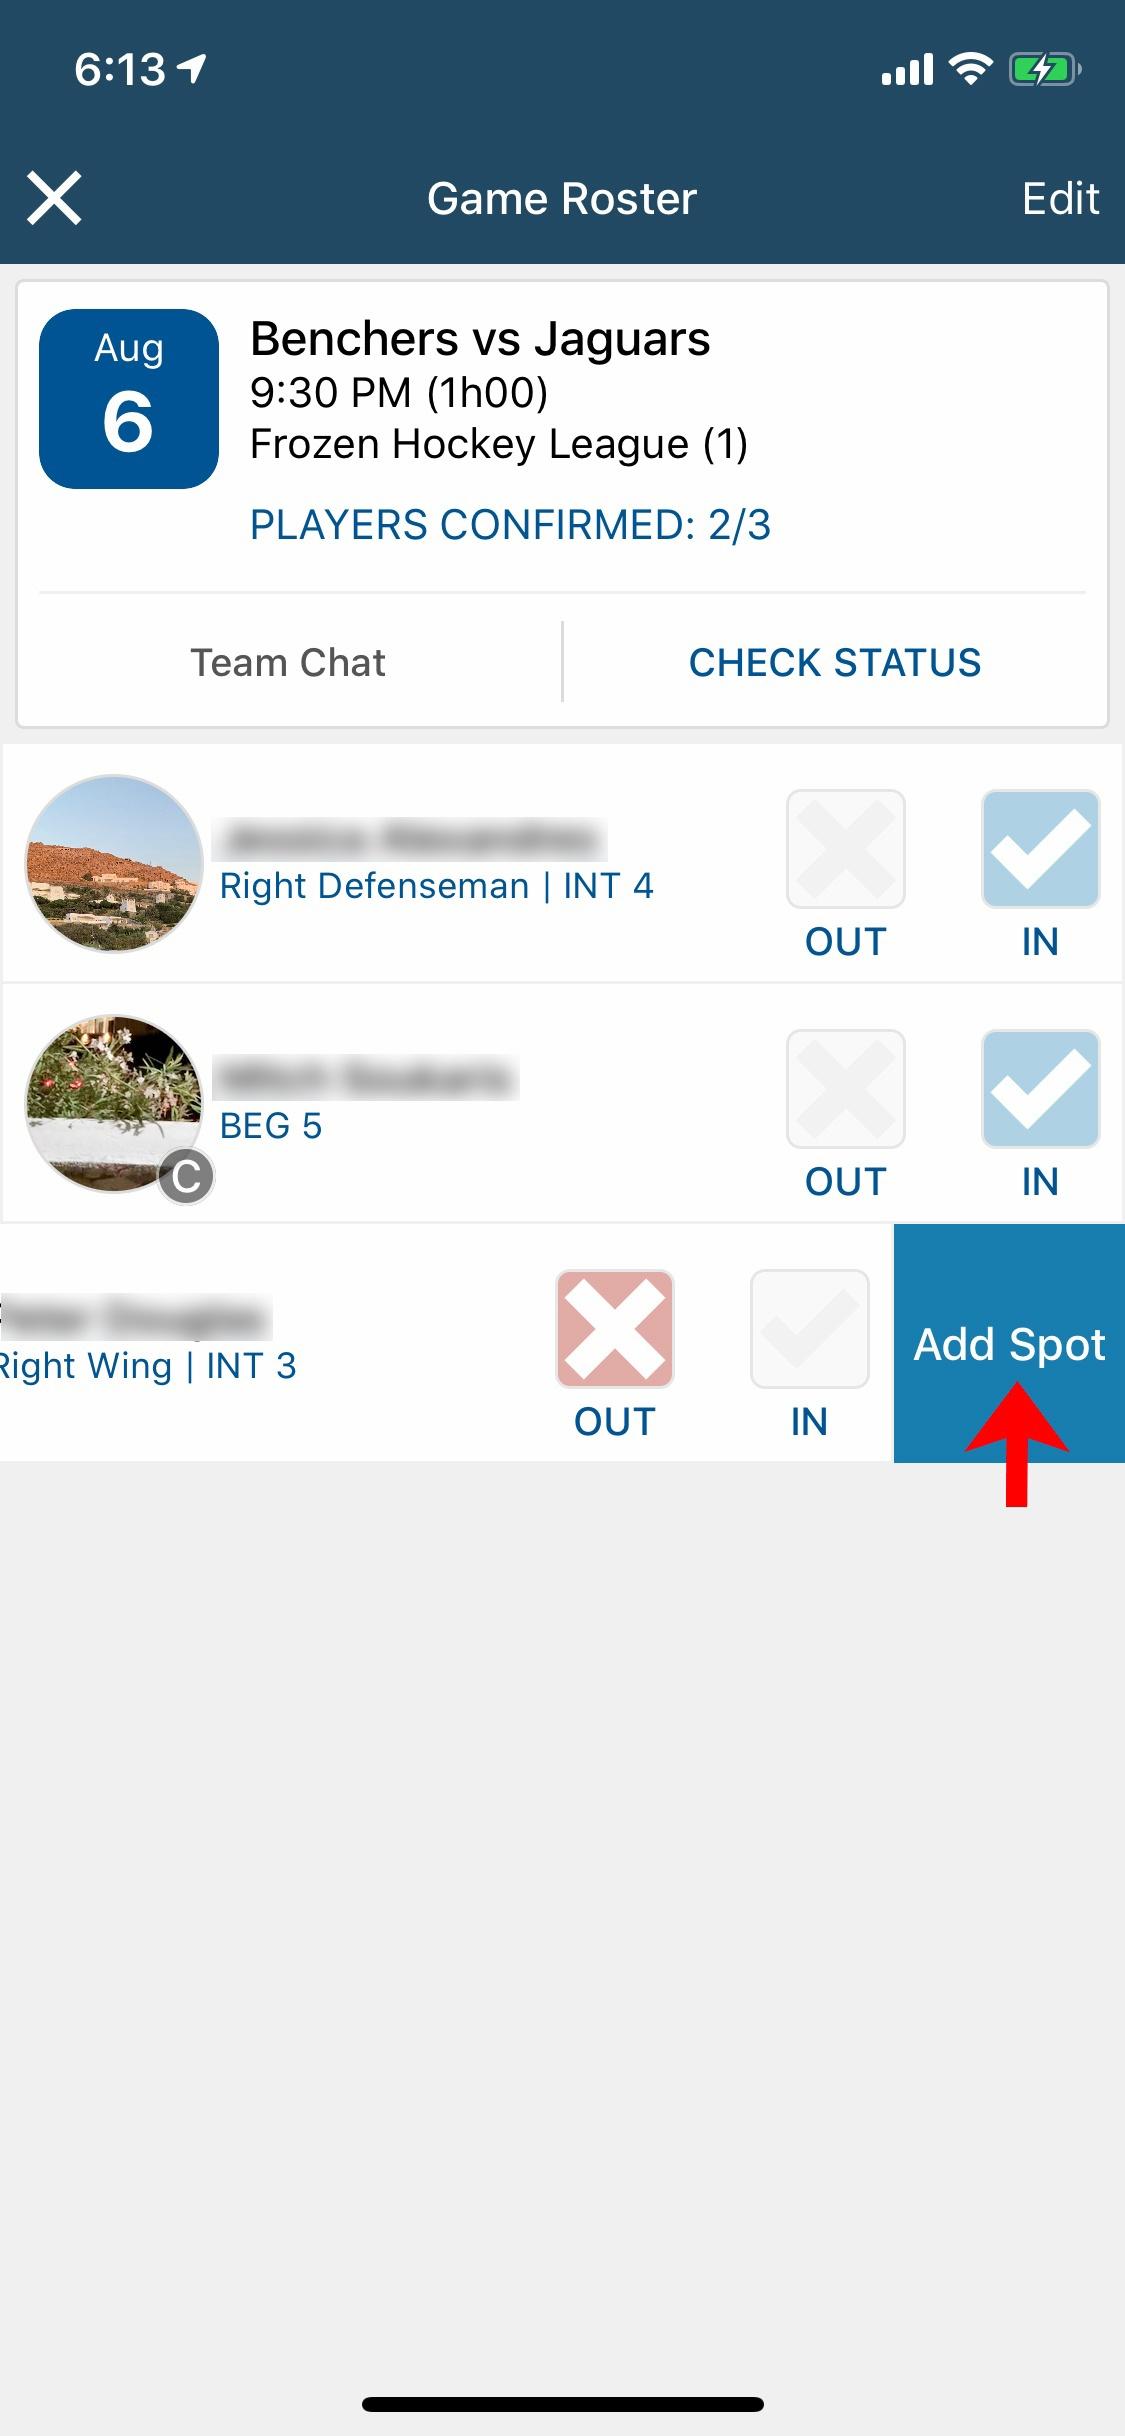 game-roster-add-spot-swipe